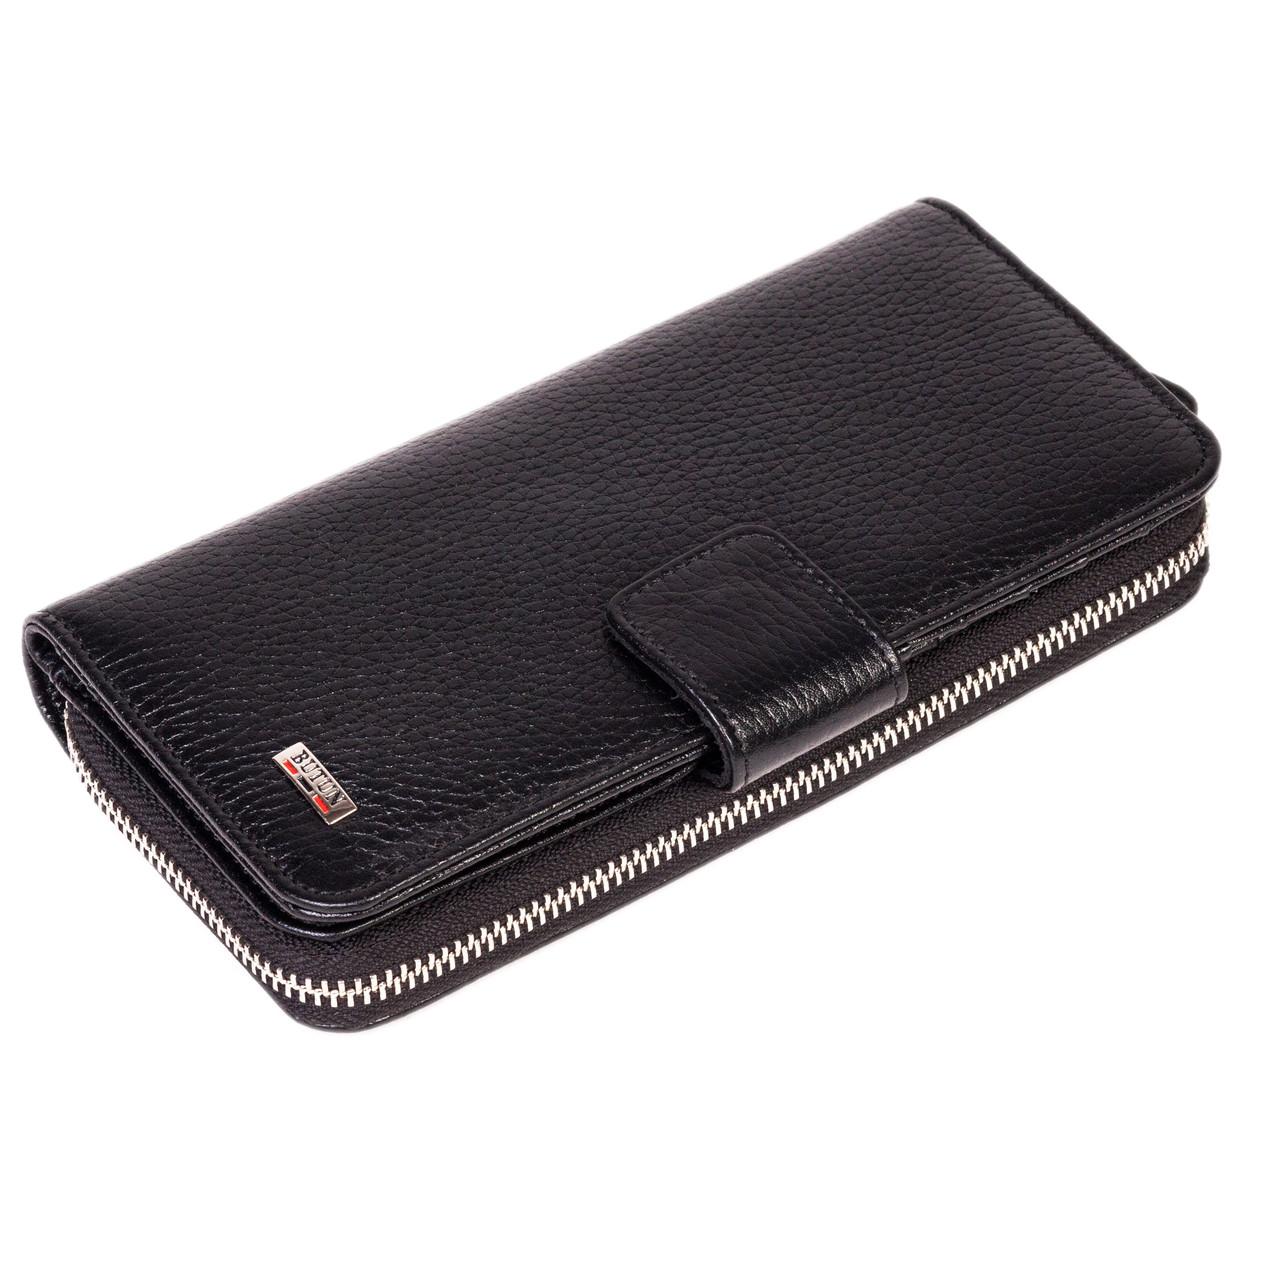 Женский кошелек Butun 636-004-001 кожаный черный